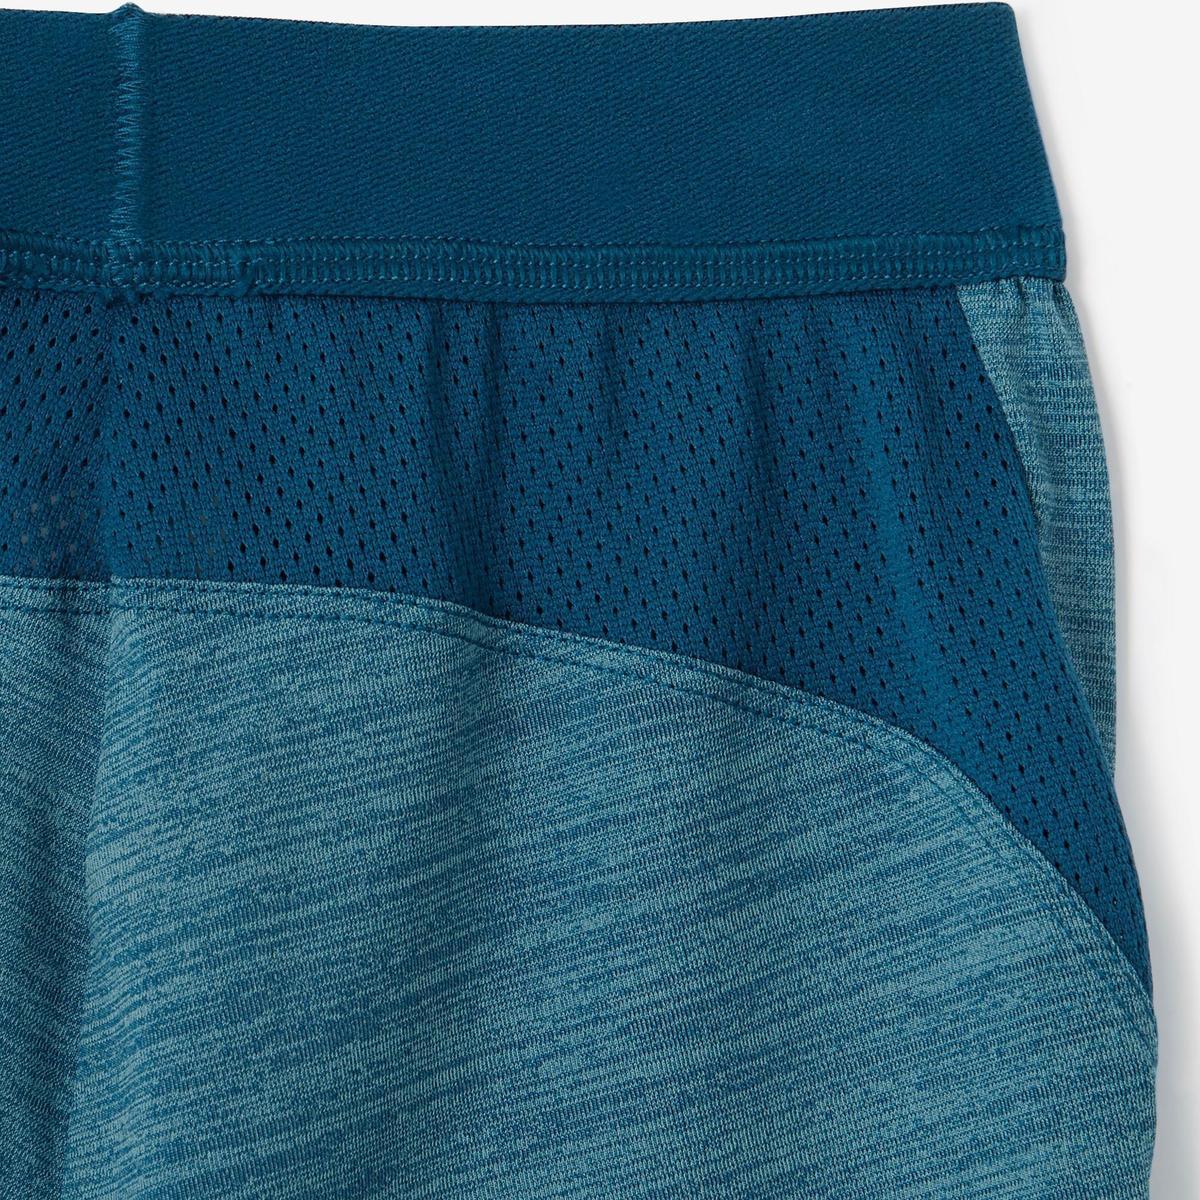 Bild 4 von Sporthose kurz S500 Babyturnen blau